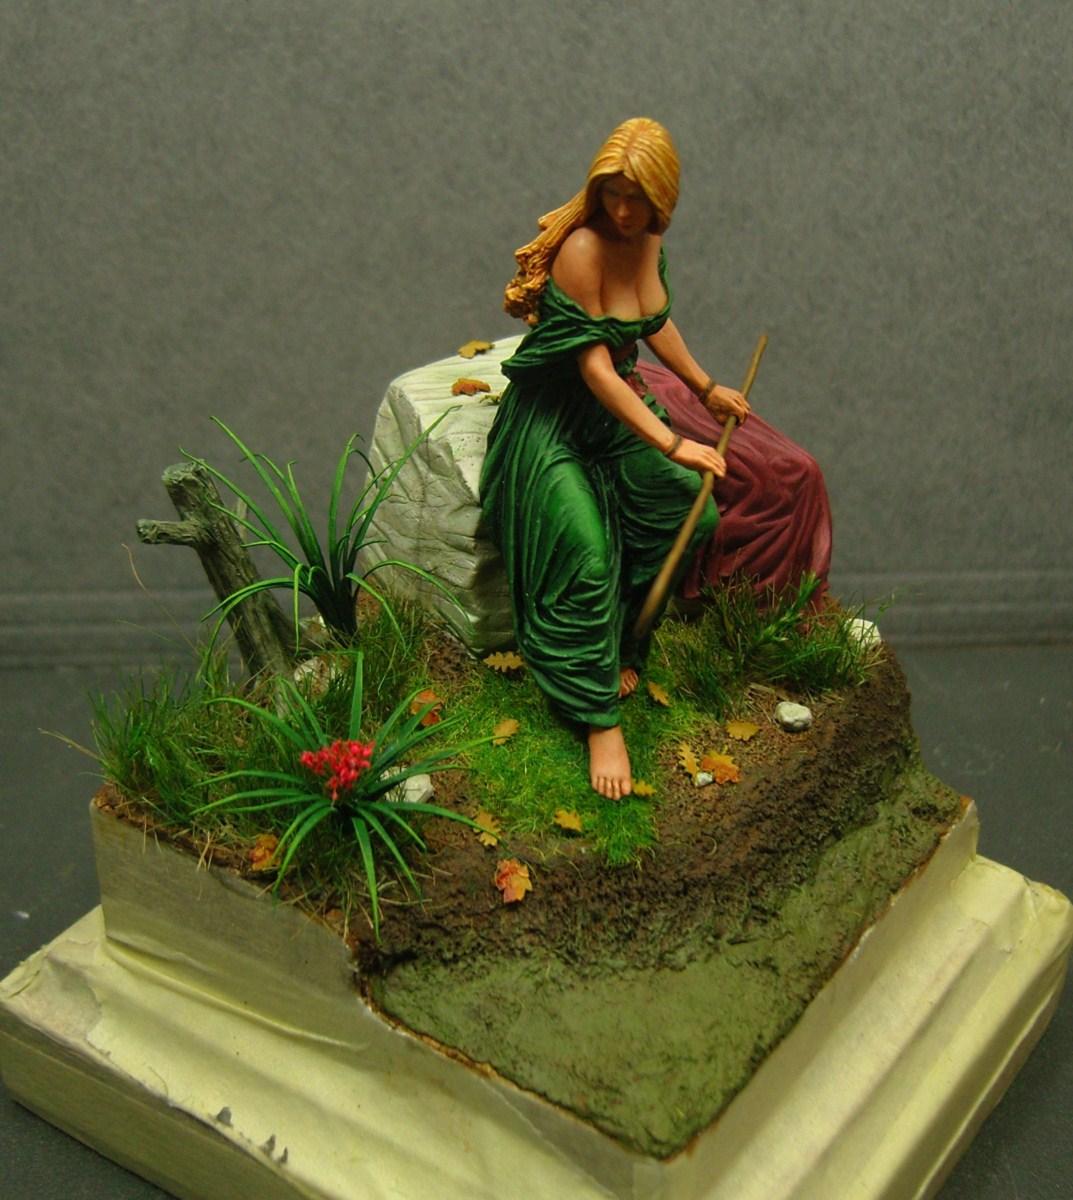 déesse grecque (Historic Art) - Page 2 120118063634699799315875